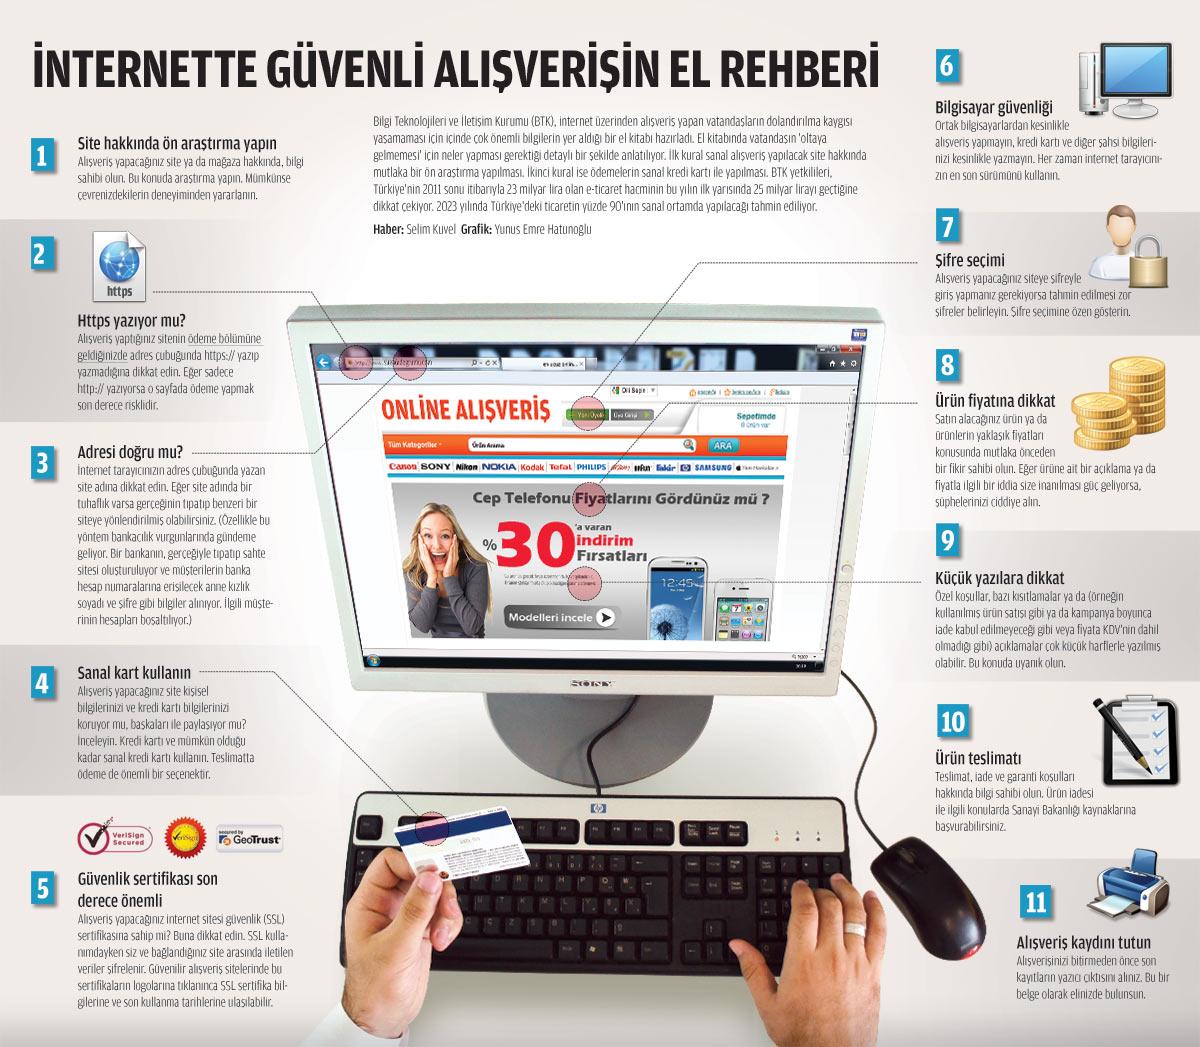 İnternette Güvenli Alışveriş Nasıl Yapılır? Rehber